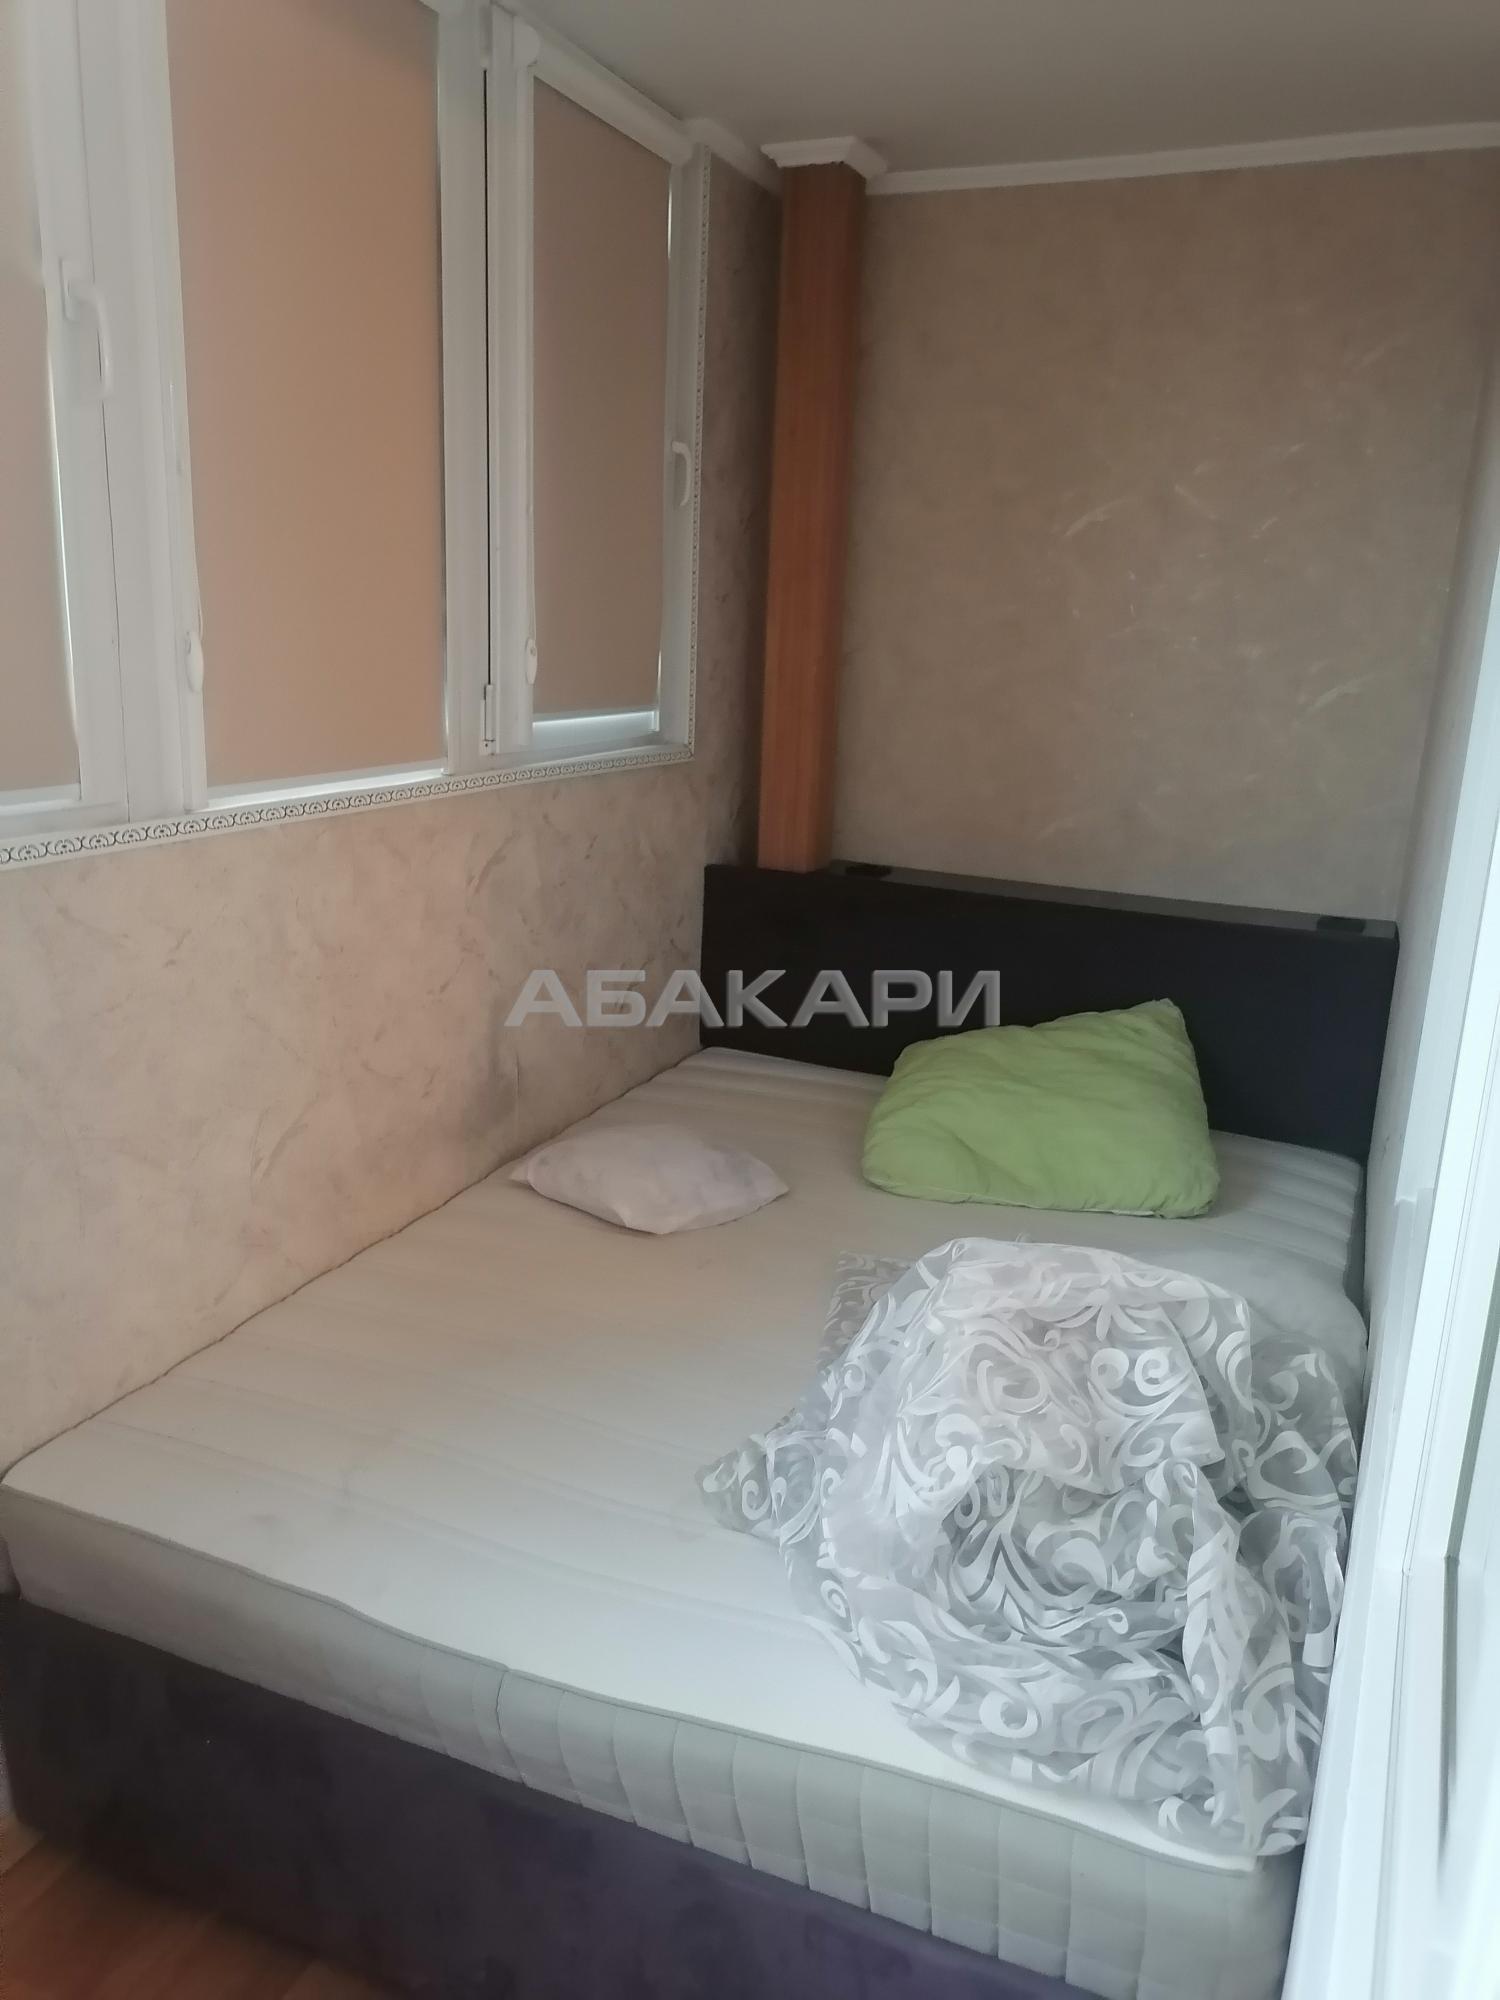 1к квартира Абытаевская улица, 8   17000   аренда в Красноярске фото 2